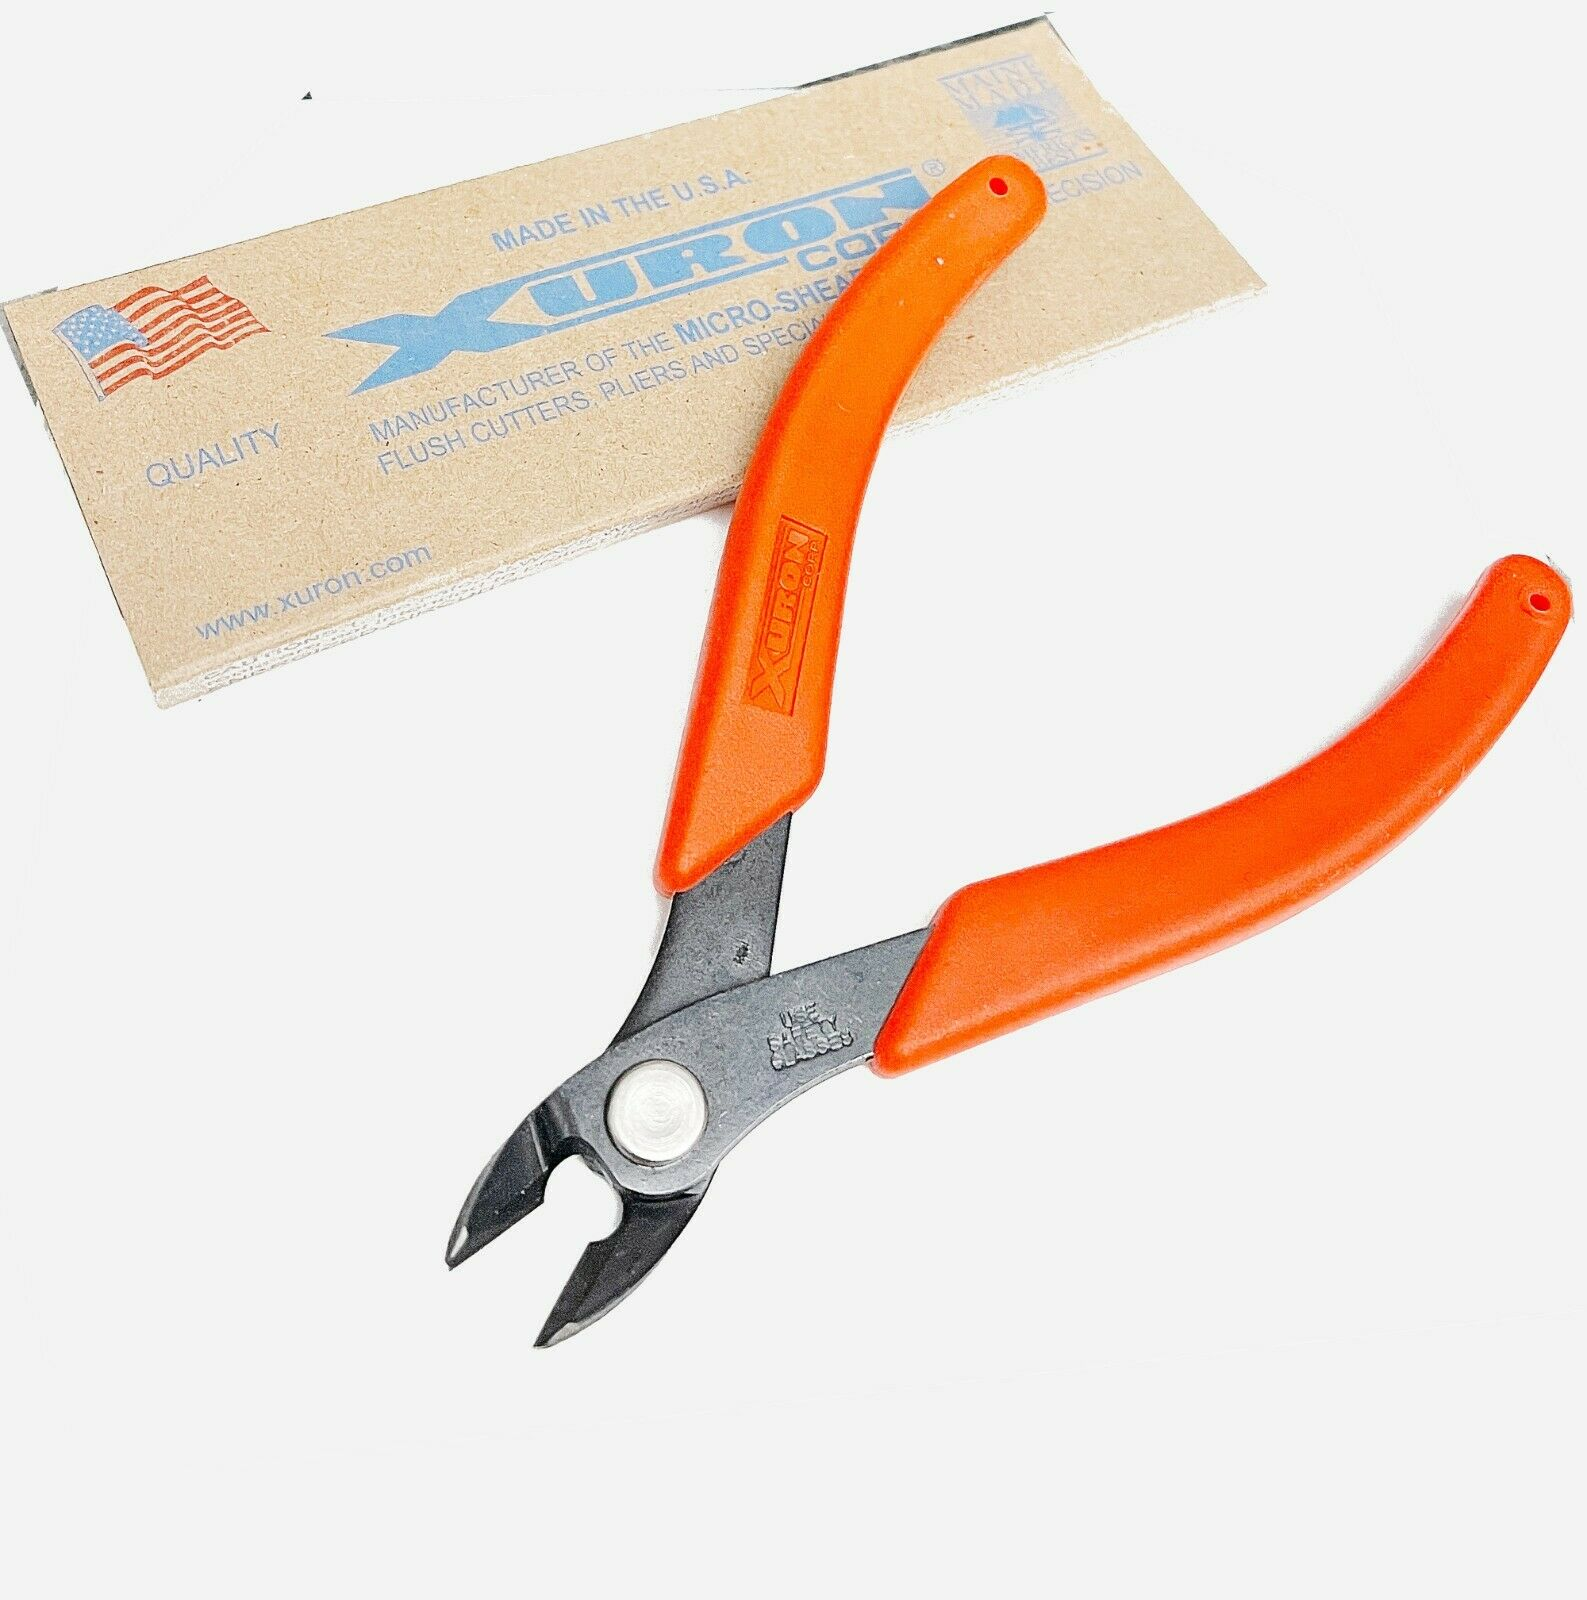 Xuron 2175 Maxi Shear Cutter Flush Cutting Shears Maxishear Micro-Shear Cutting - $15.99